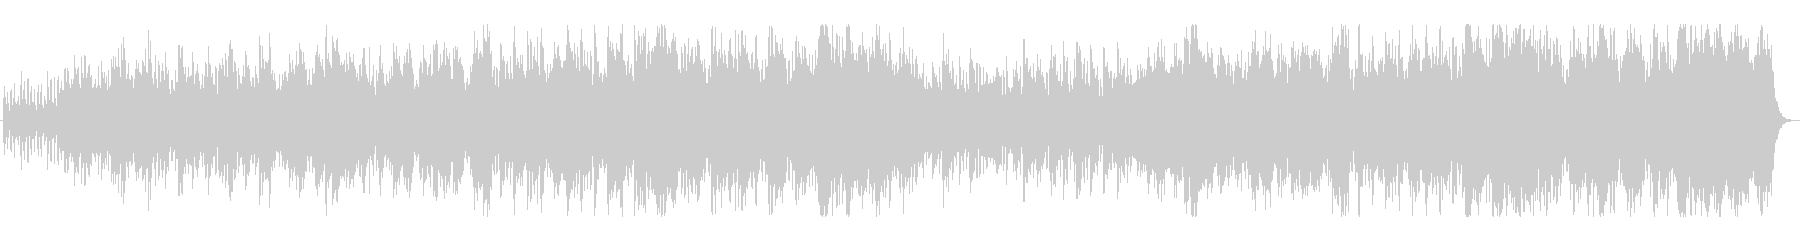 王道ファンタジーRPGのフィールドBGMの未再生の波形